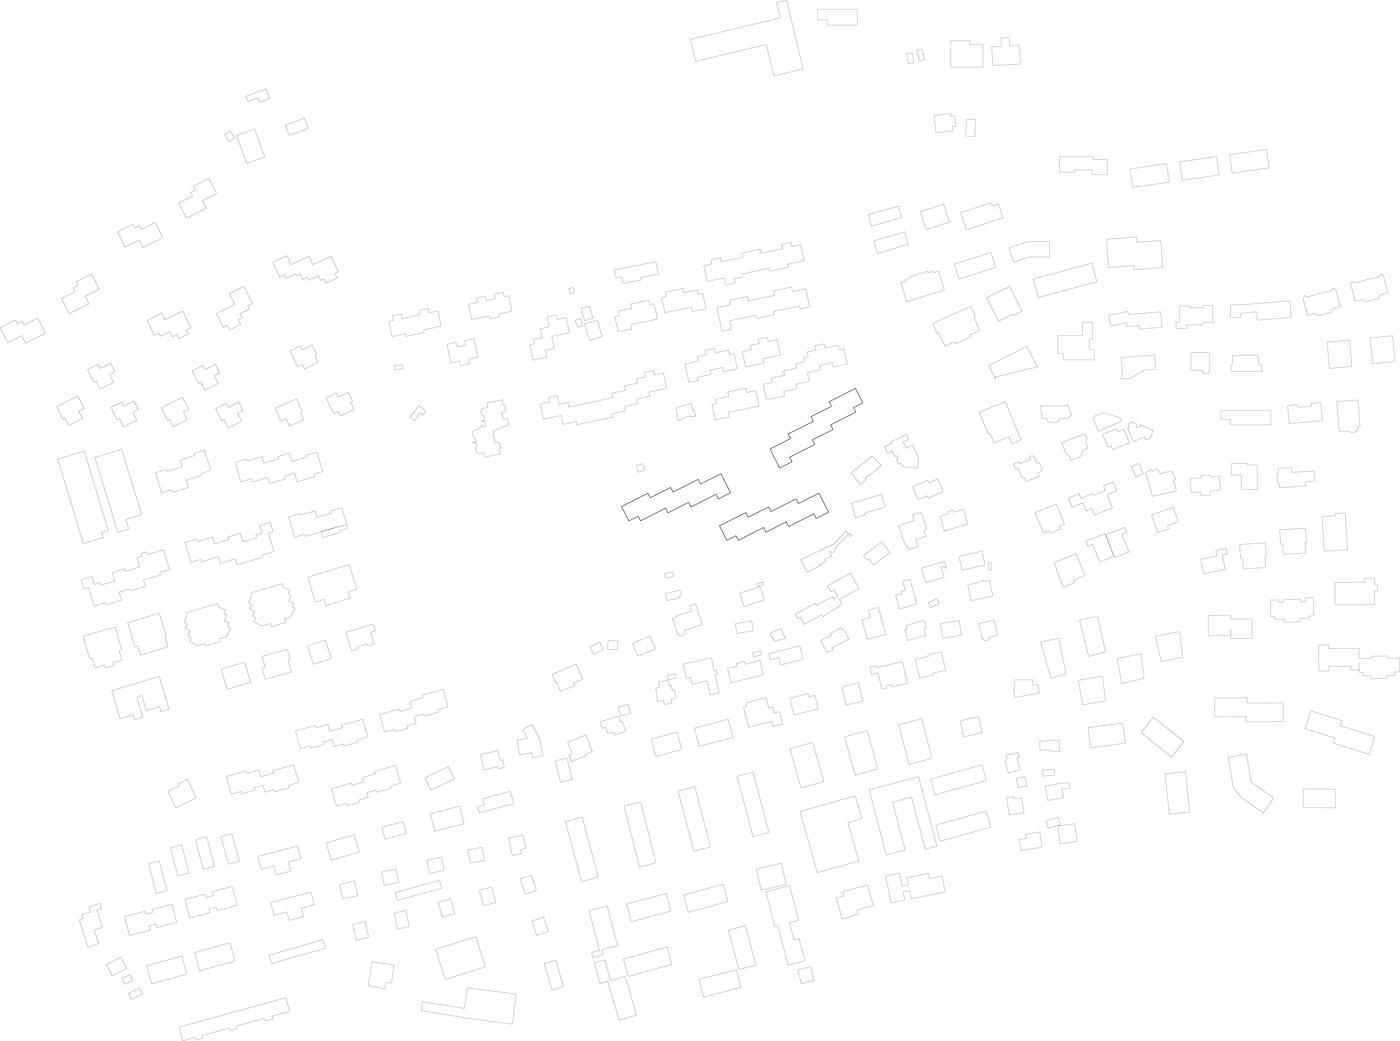 buan architekten – Projektwettbewerb Weinhalde Kriens – Schwarzplan